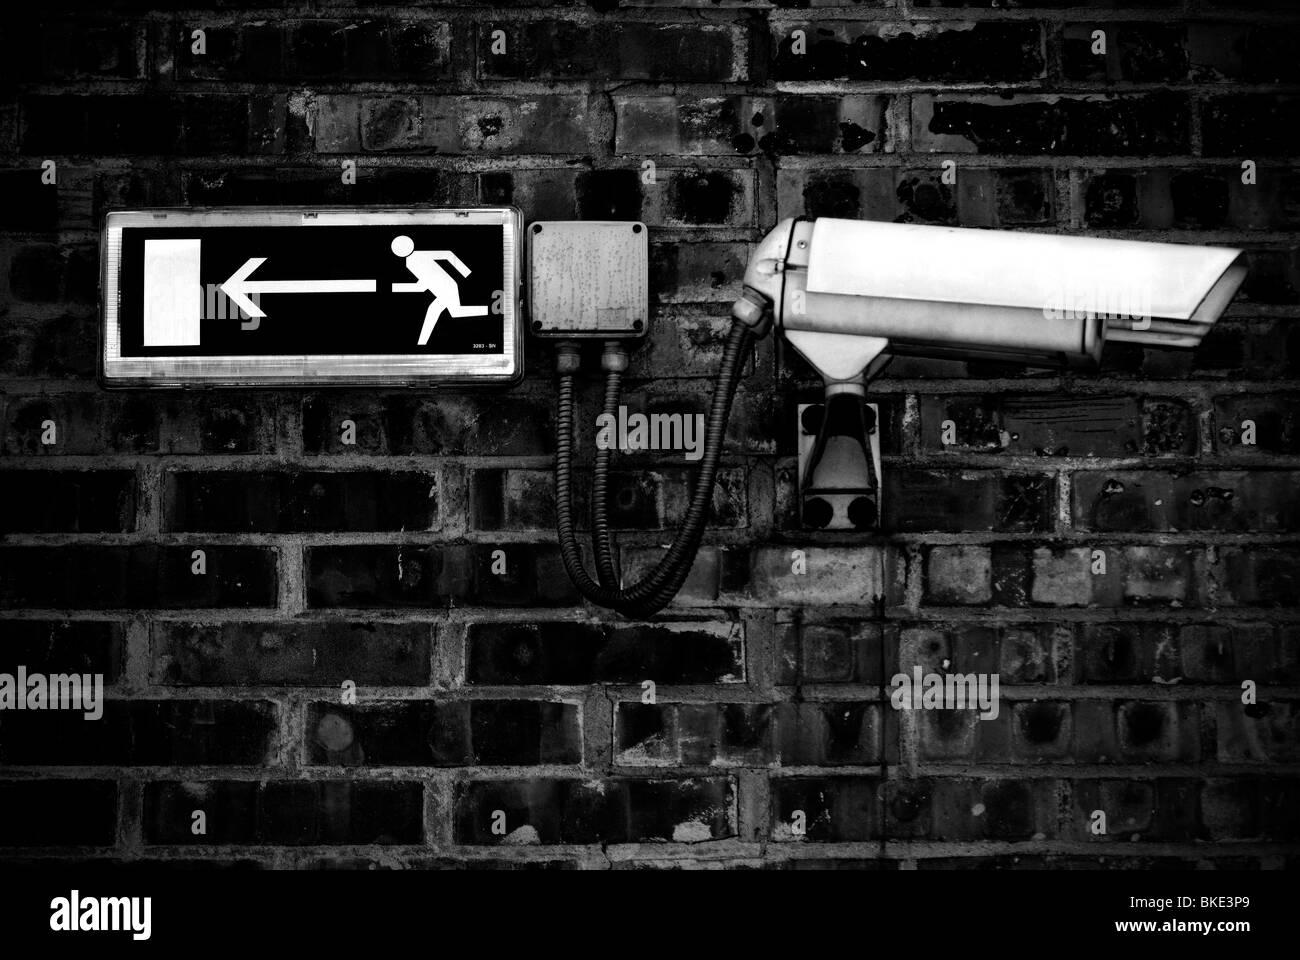 Système de contrôle vidéo Photo Stock